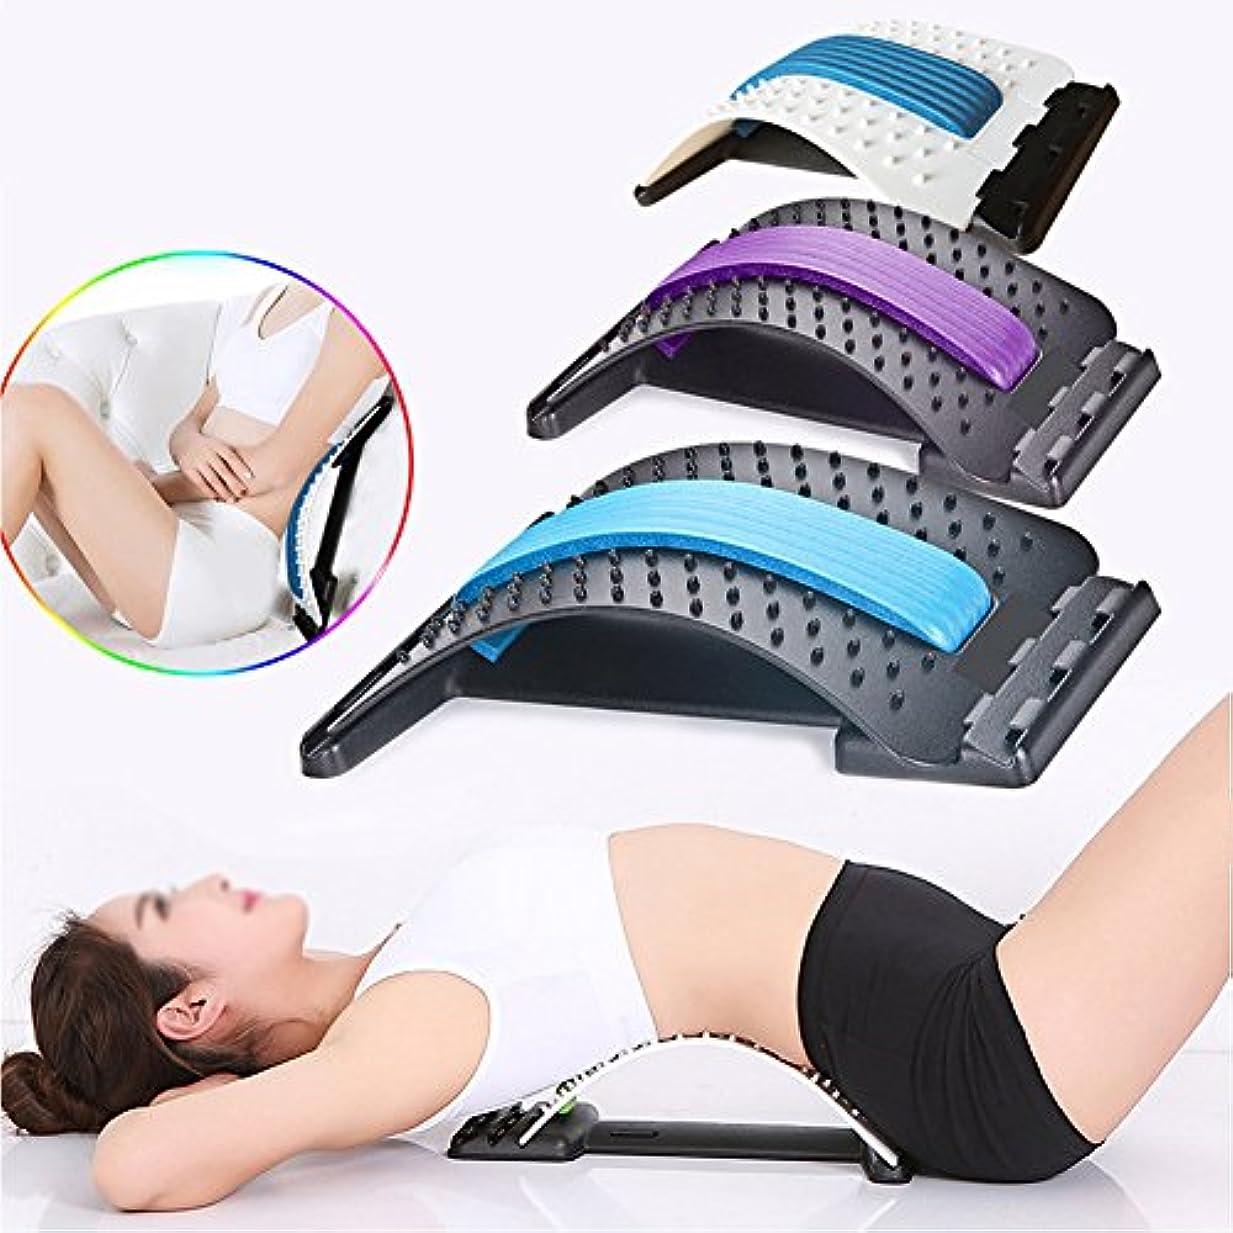 バックマッサージ 腰椎矯正クッション枕 背中バキバキト 腰痛対策 腰部マッサージ 家庭用,オフィスでの使用,ギフトとしても使えます (パープル)